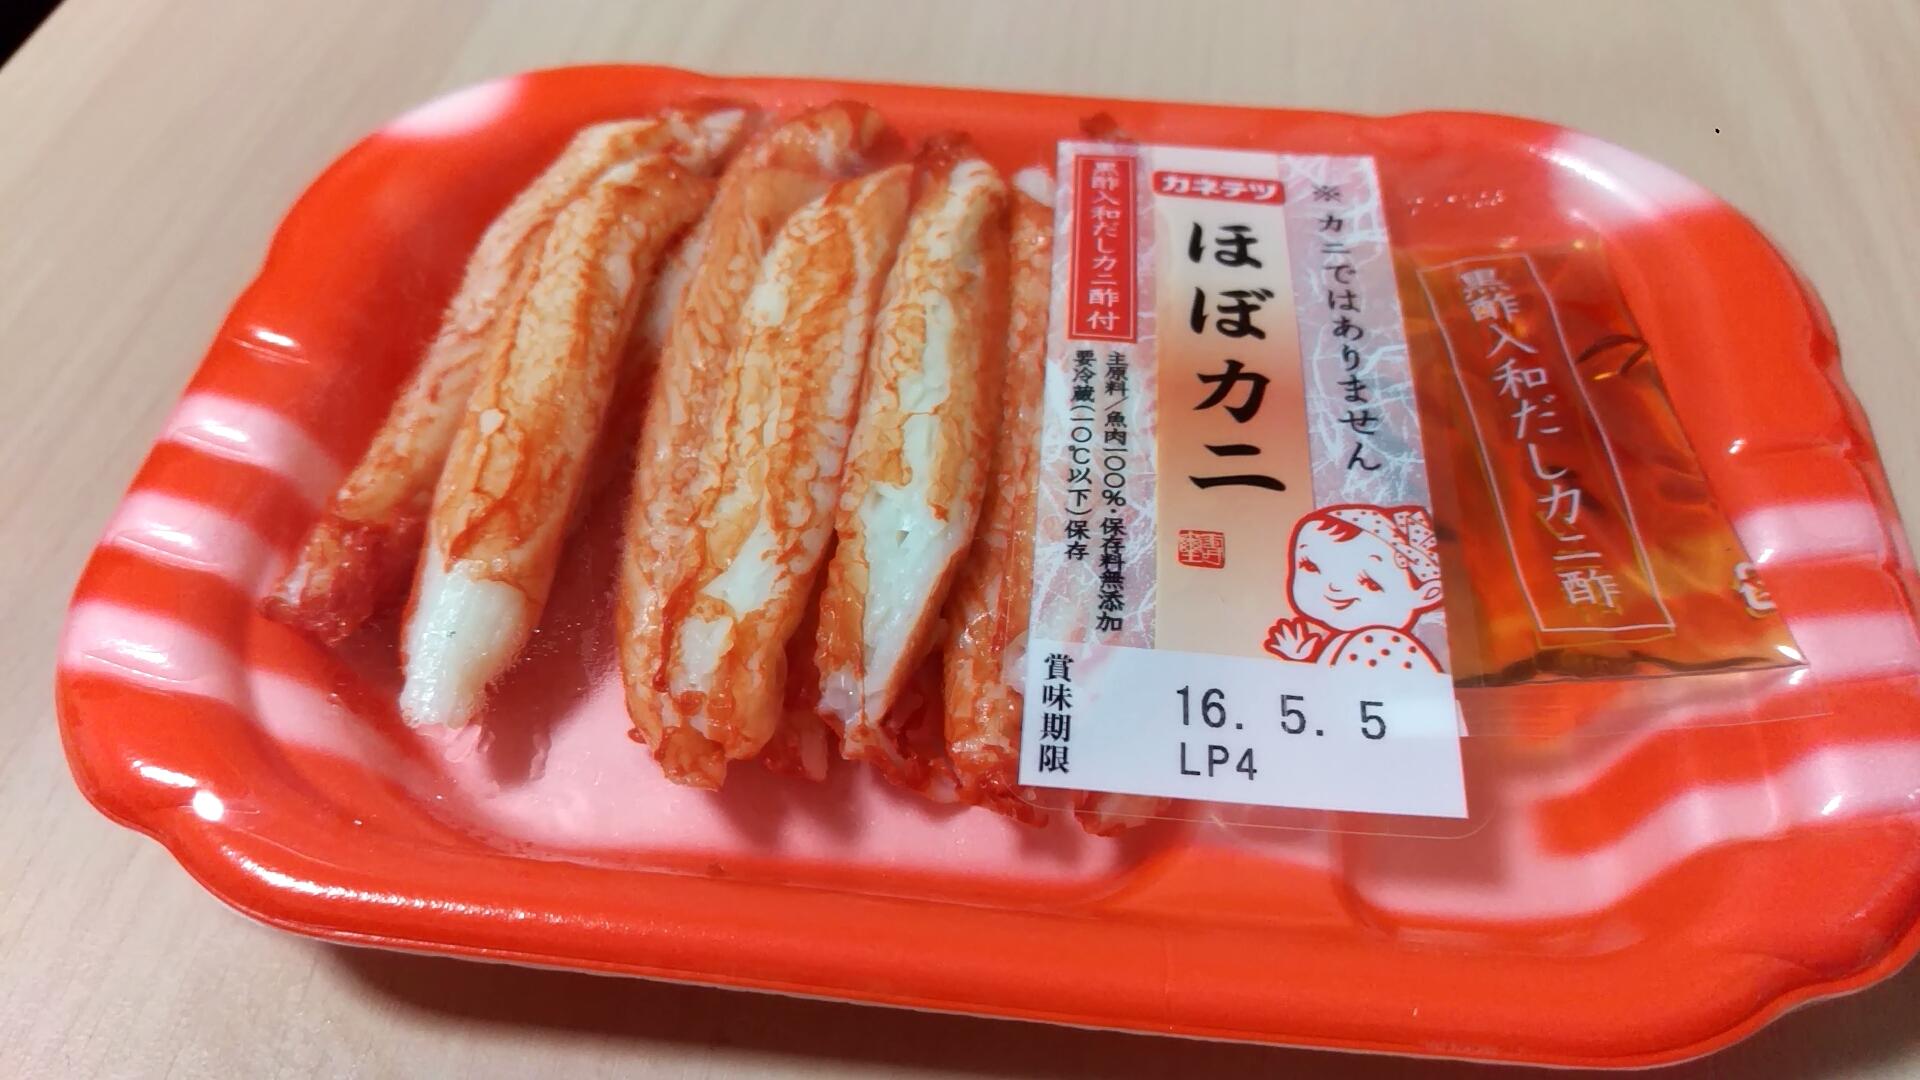 関西のスーパーでは普通に売られている「ほぼカニ」